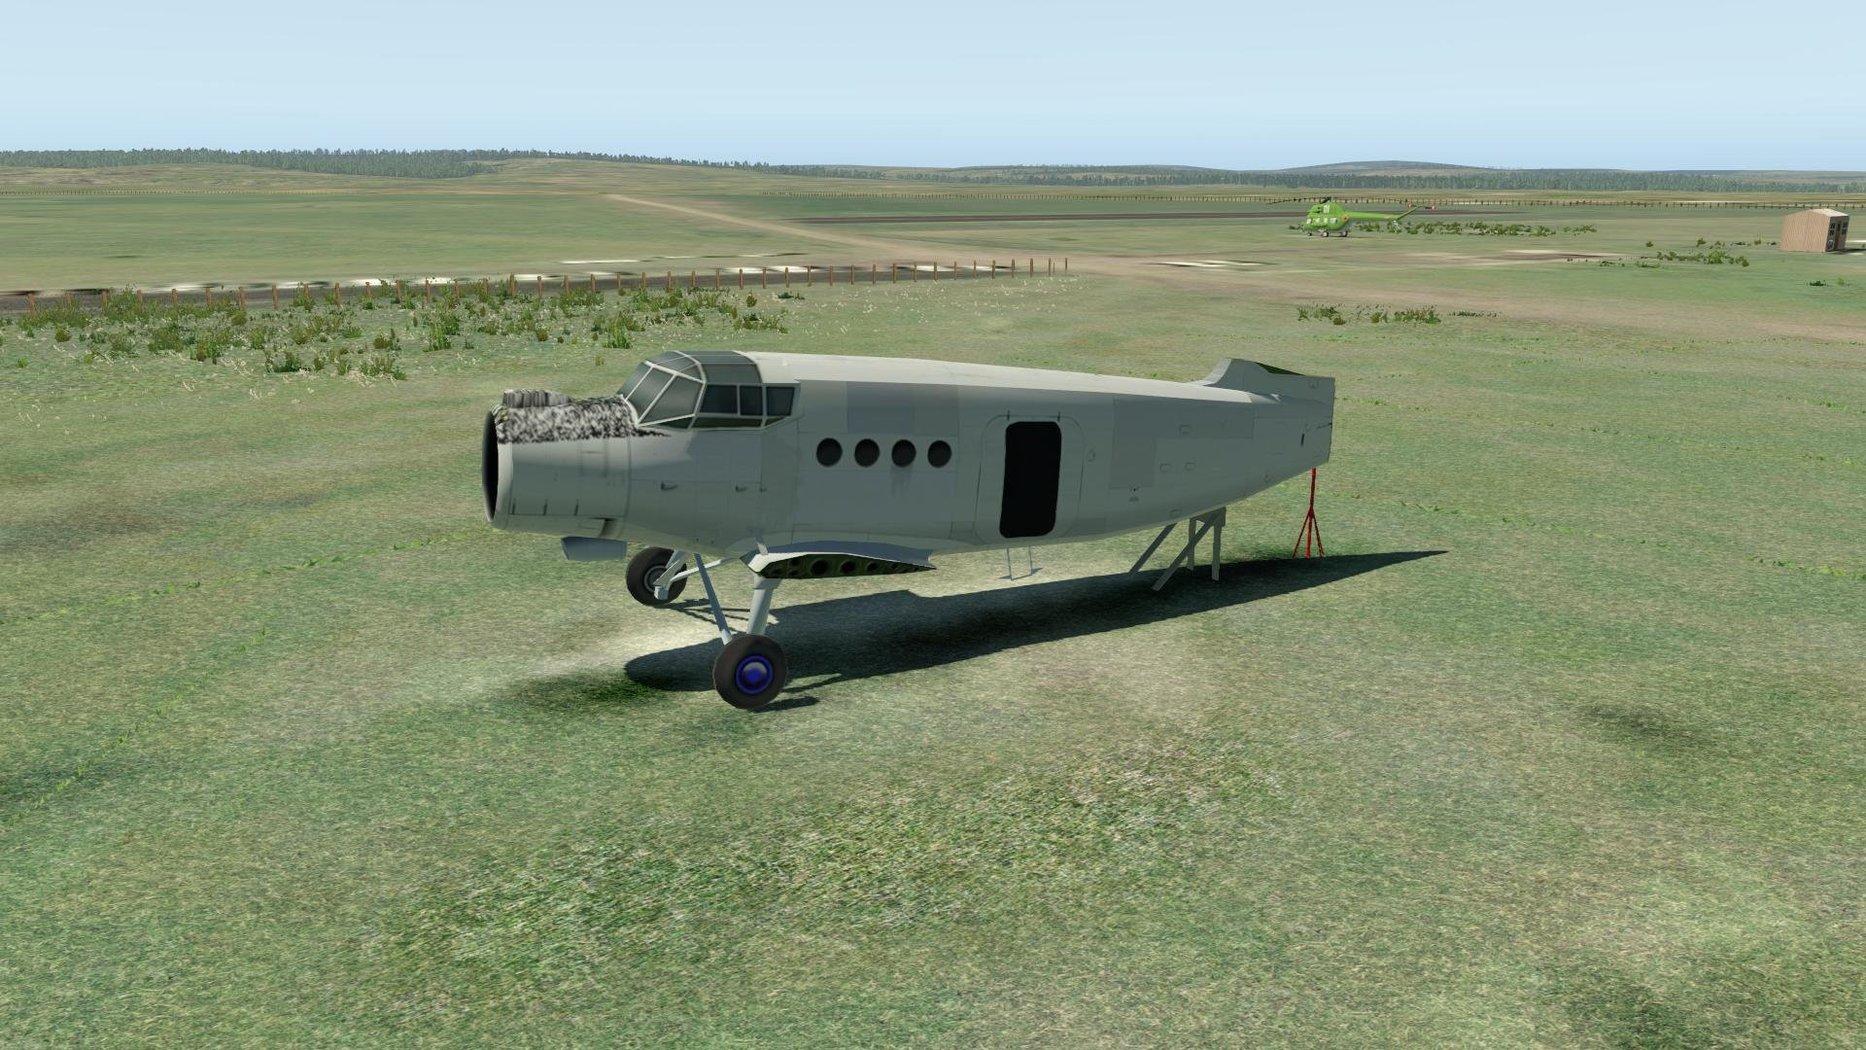 X-Plane 2018-07-24 15-56-44-66.jpg